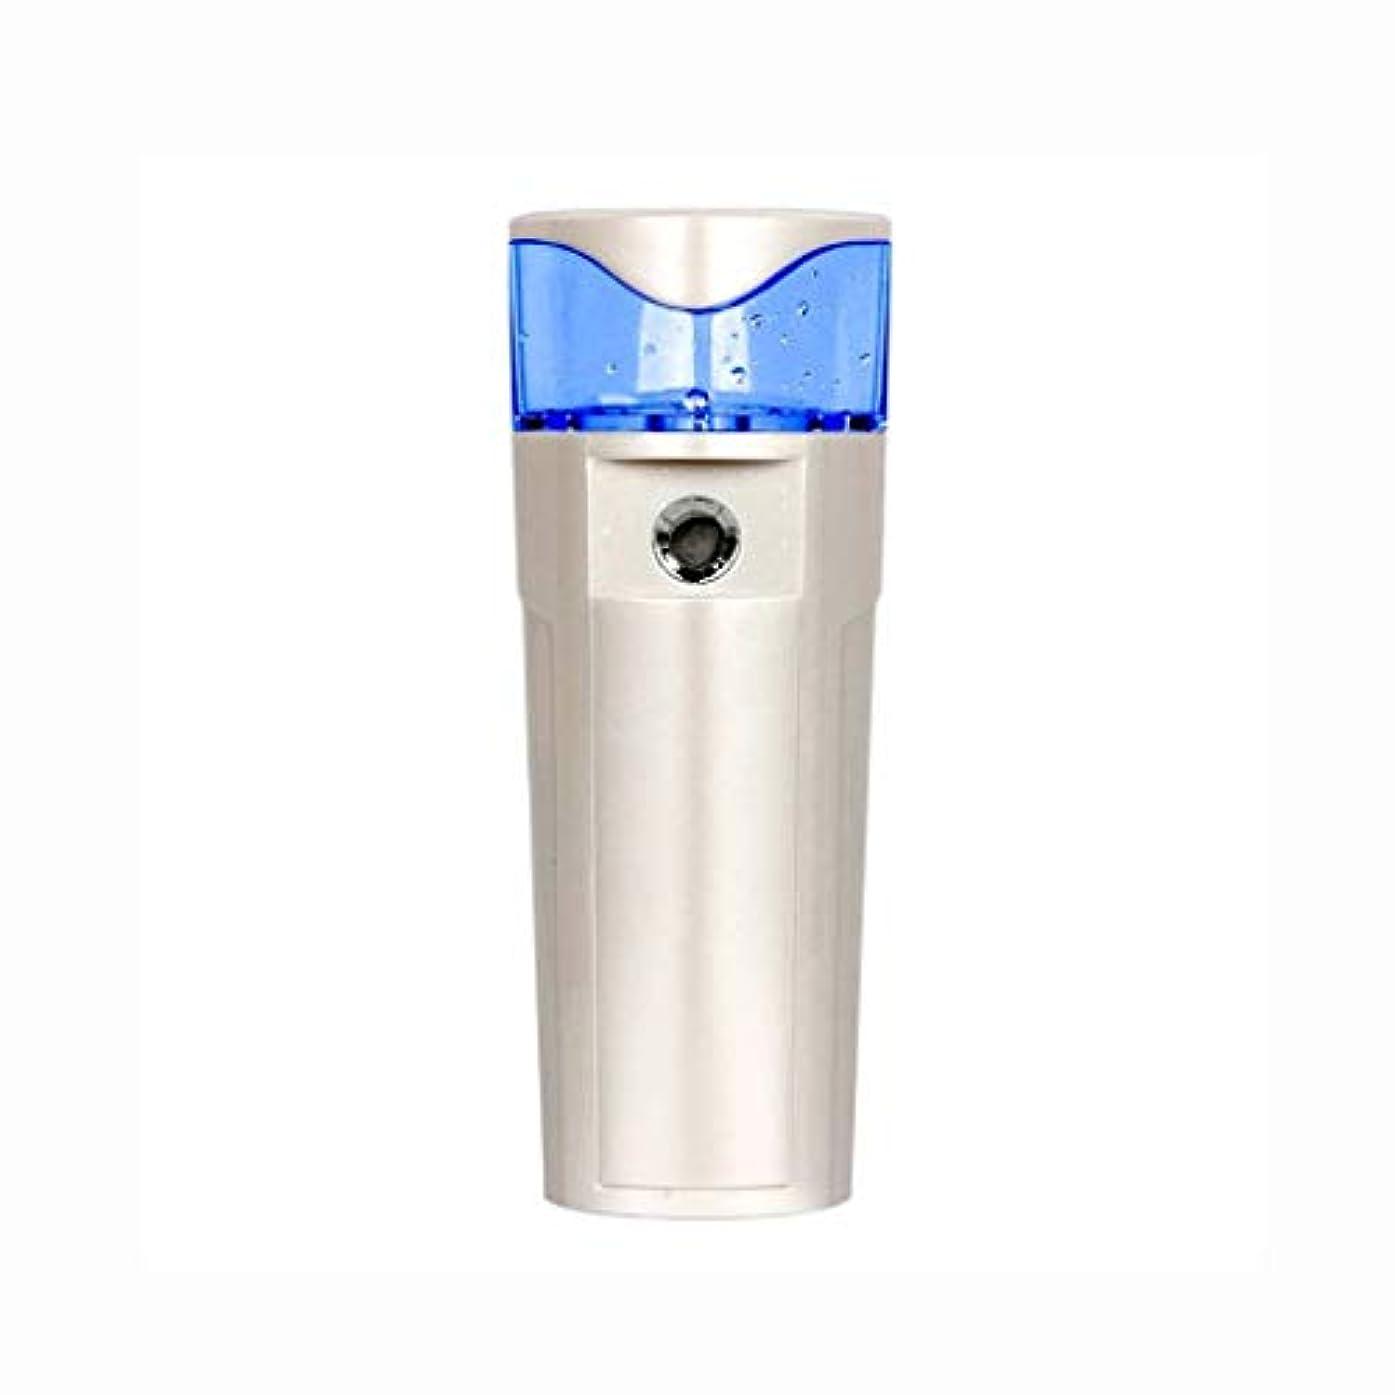 アピールタイプライターインストールスプレーポータブルクールスプレーフェイシャルスプレーモイスチャライジングモイスチャライジングおよびモイスチャライジングスチーマーモバイル電源usb充電美容スキンケア楽器 (色 : シルバーホワイト)